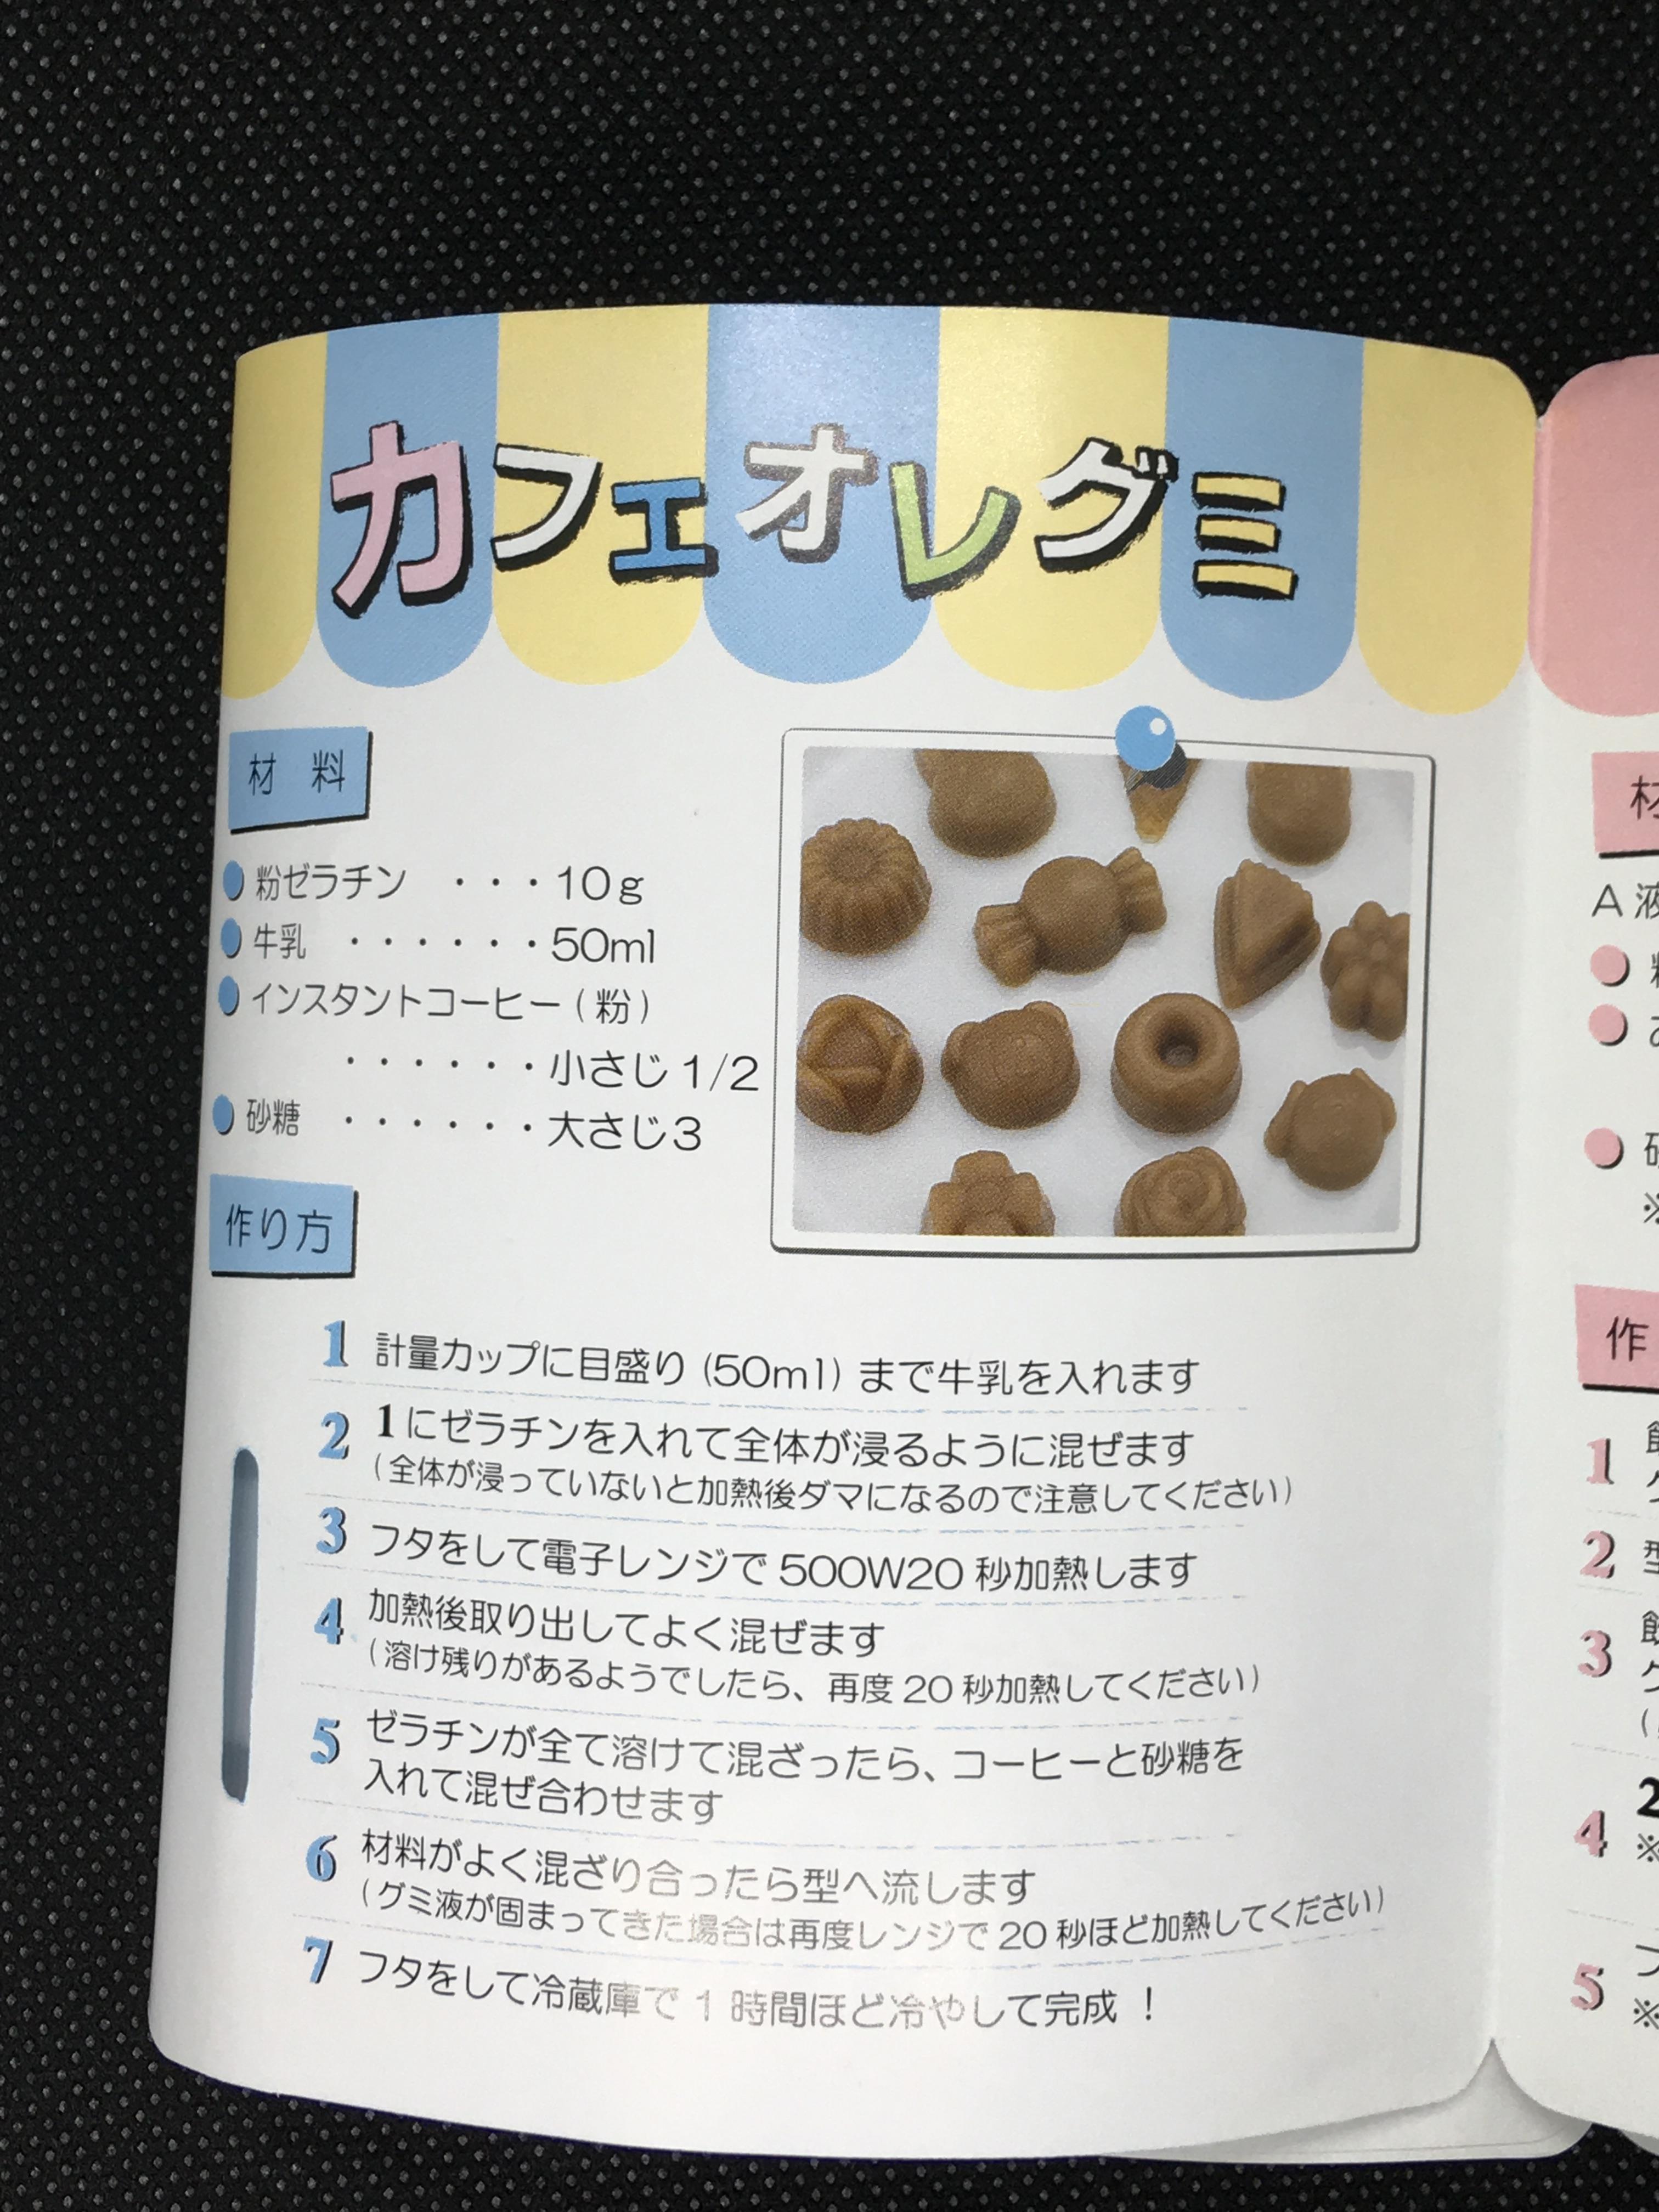 カフェオレグミのレシピ